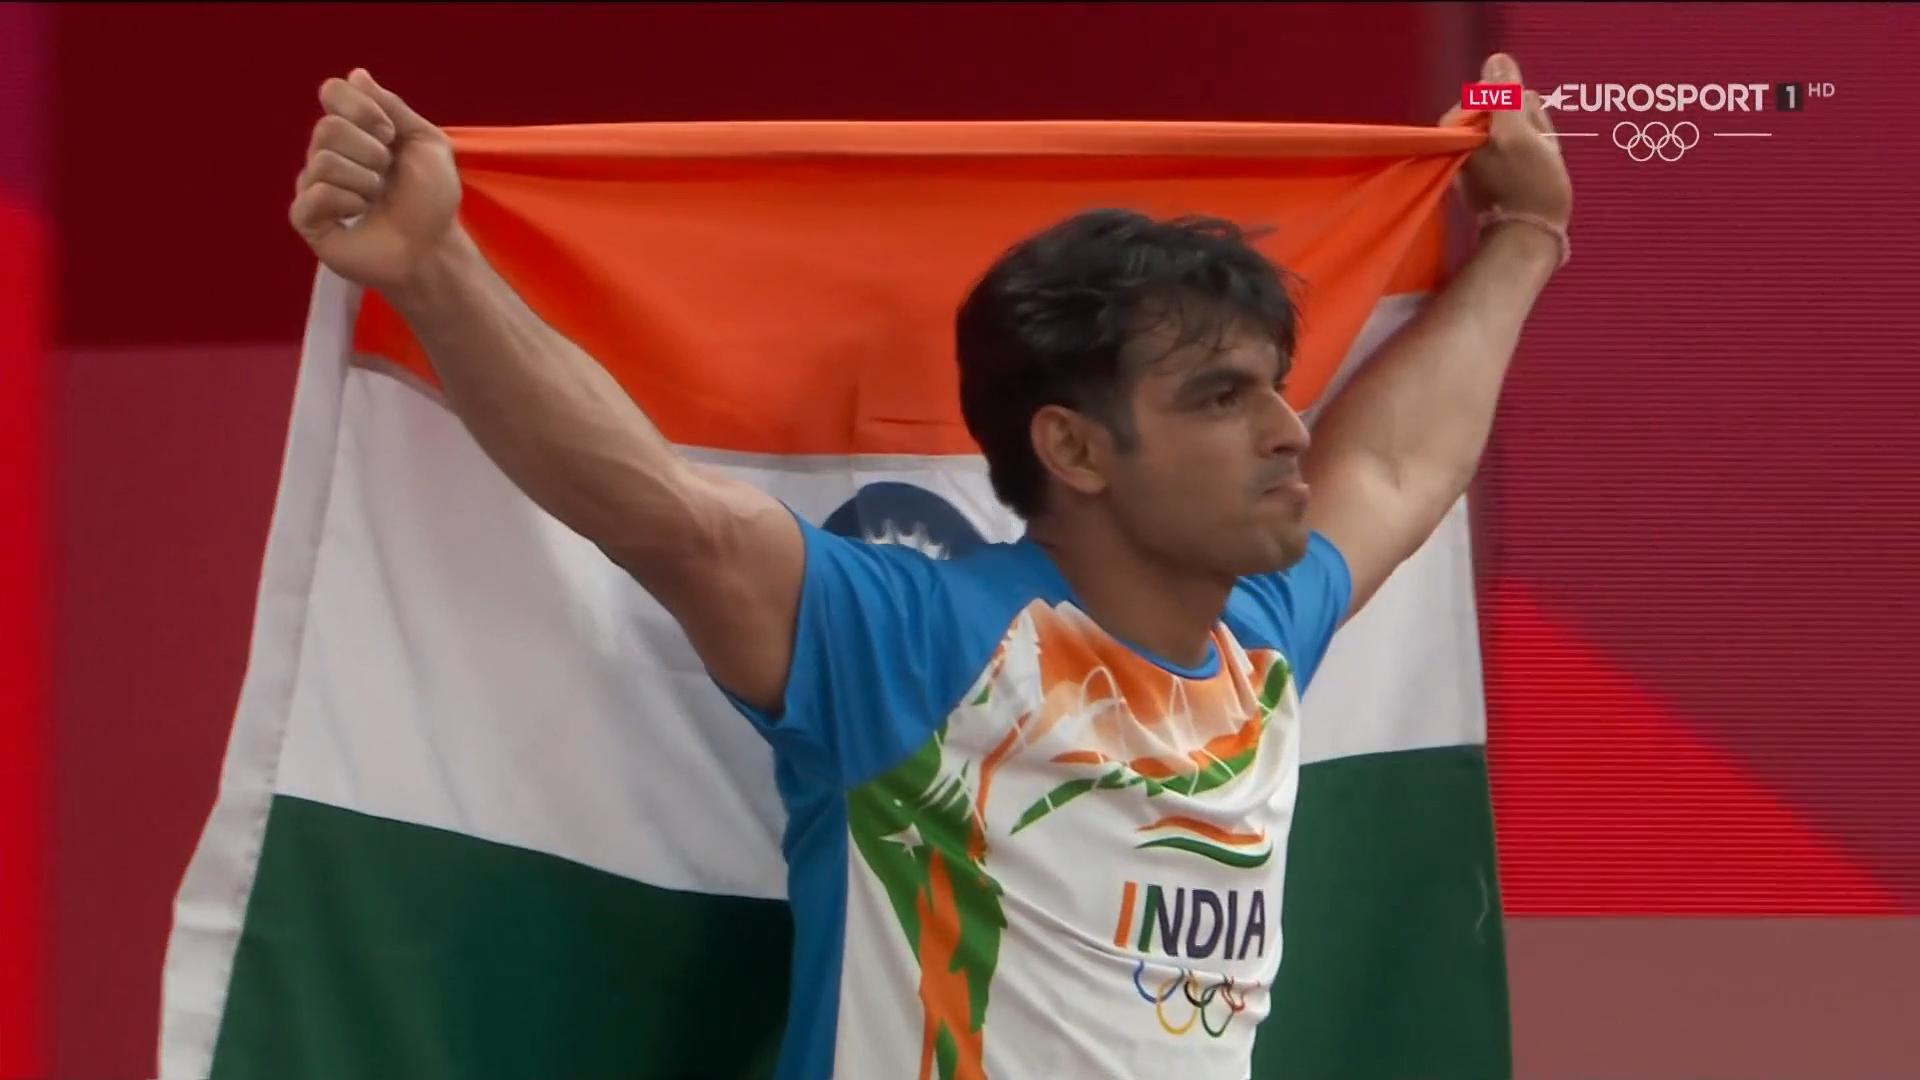 Le premier Indien champion olympique d'athlétisme : La prochaine étape est la préparation des Jeux olympiques en France en 2024.